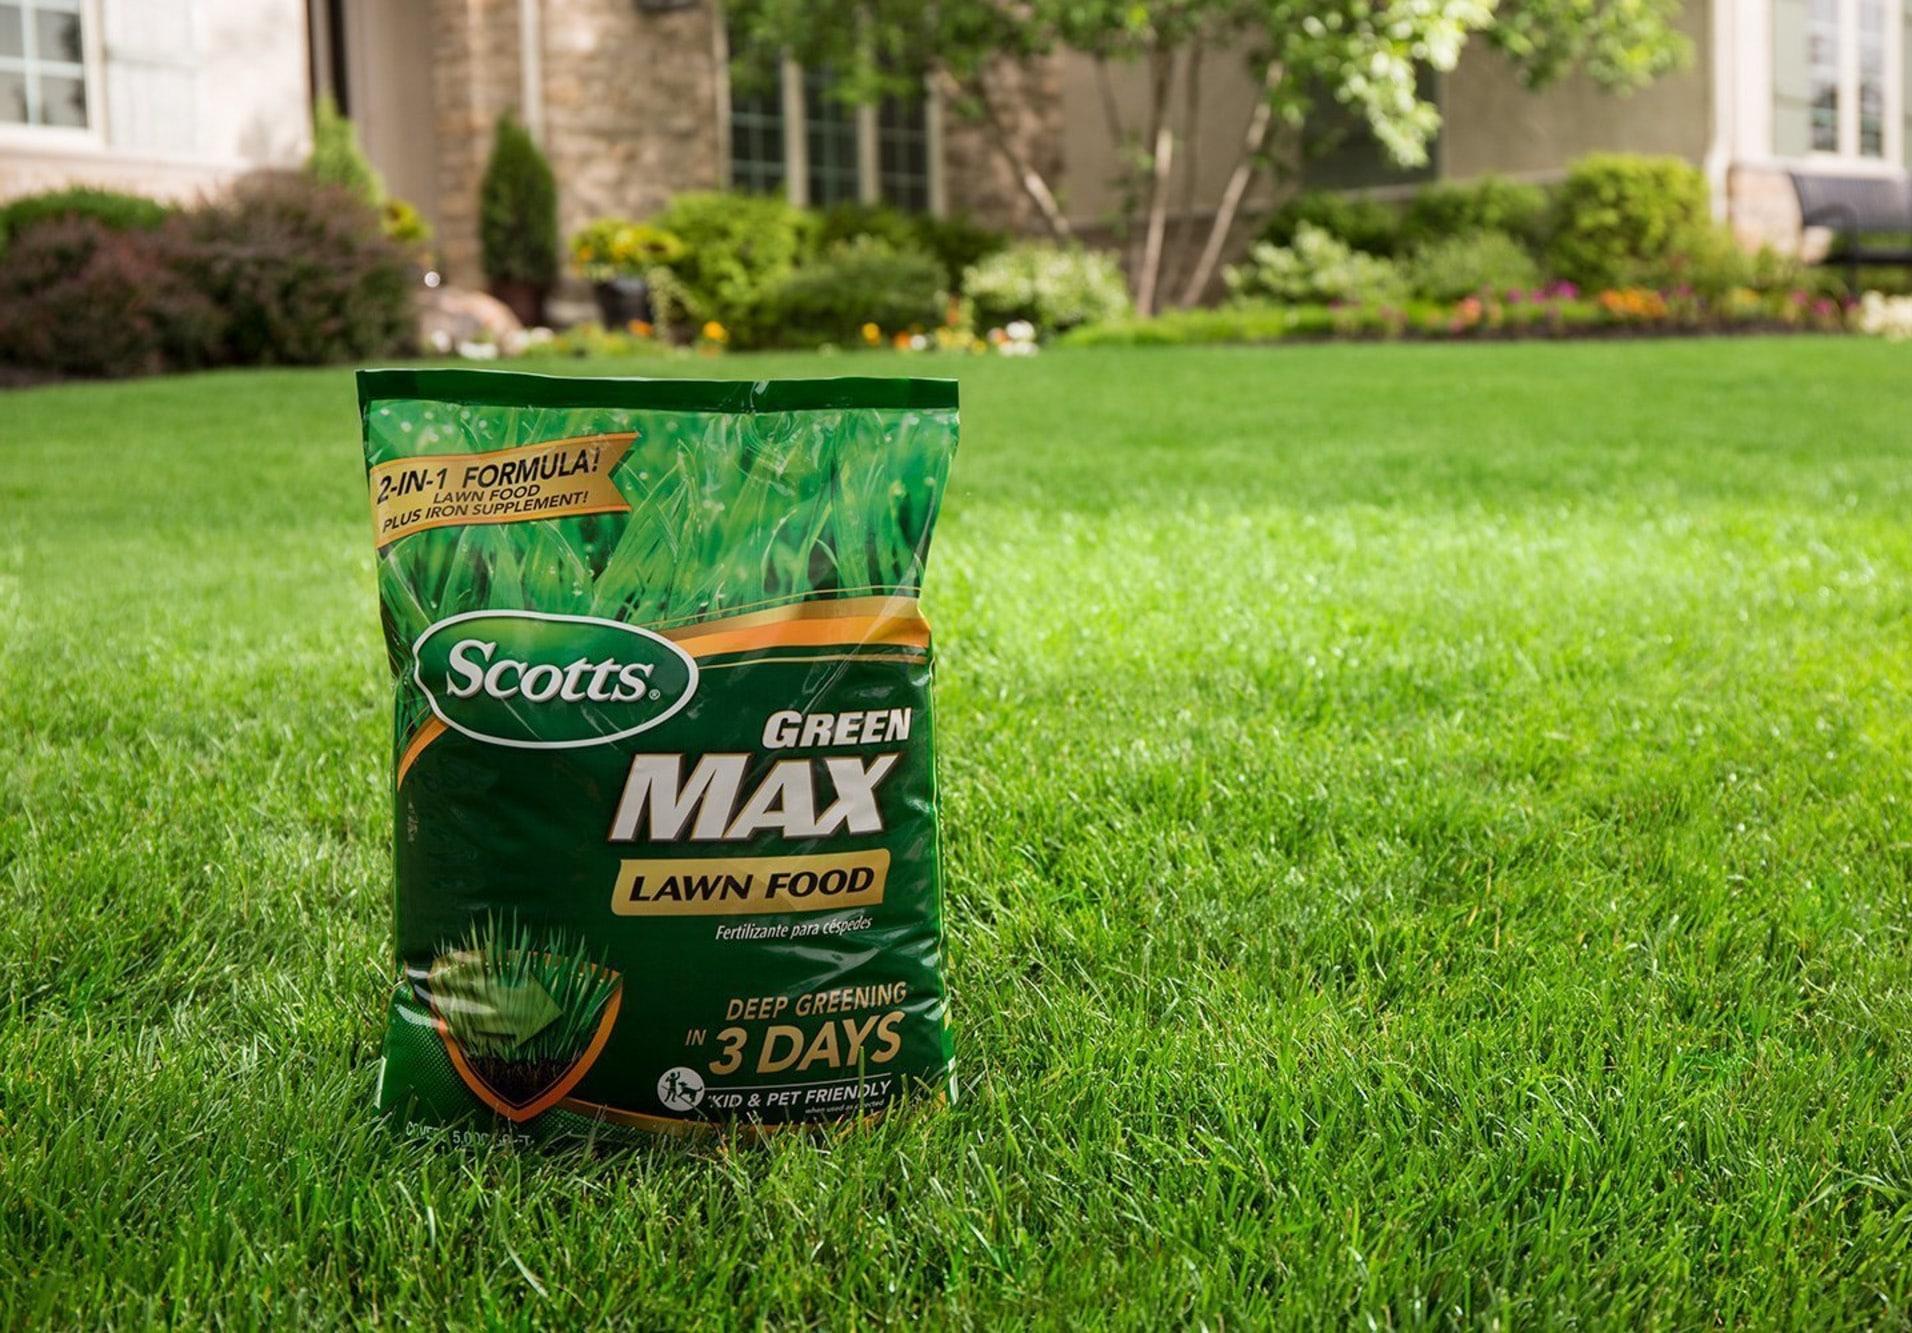 Best Lawn Fertilizers Reviewed in Detail